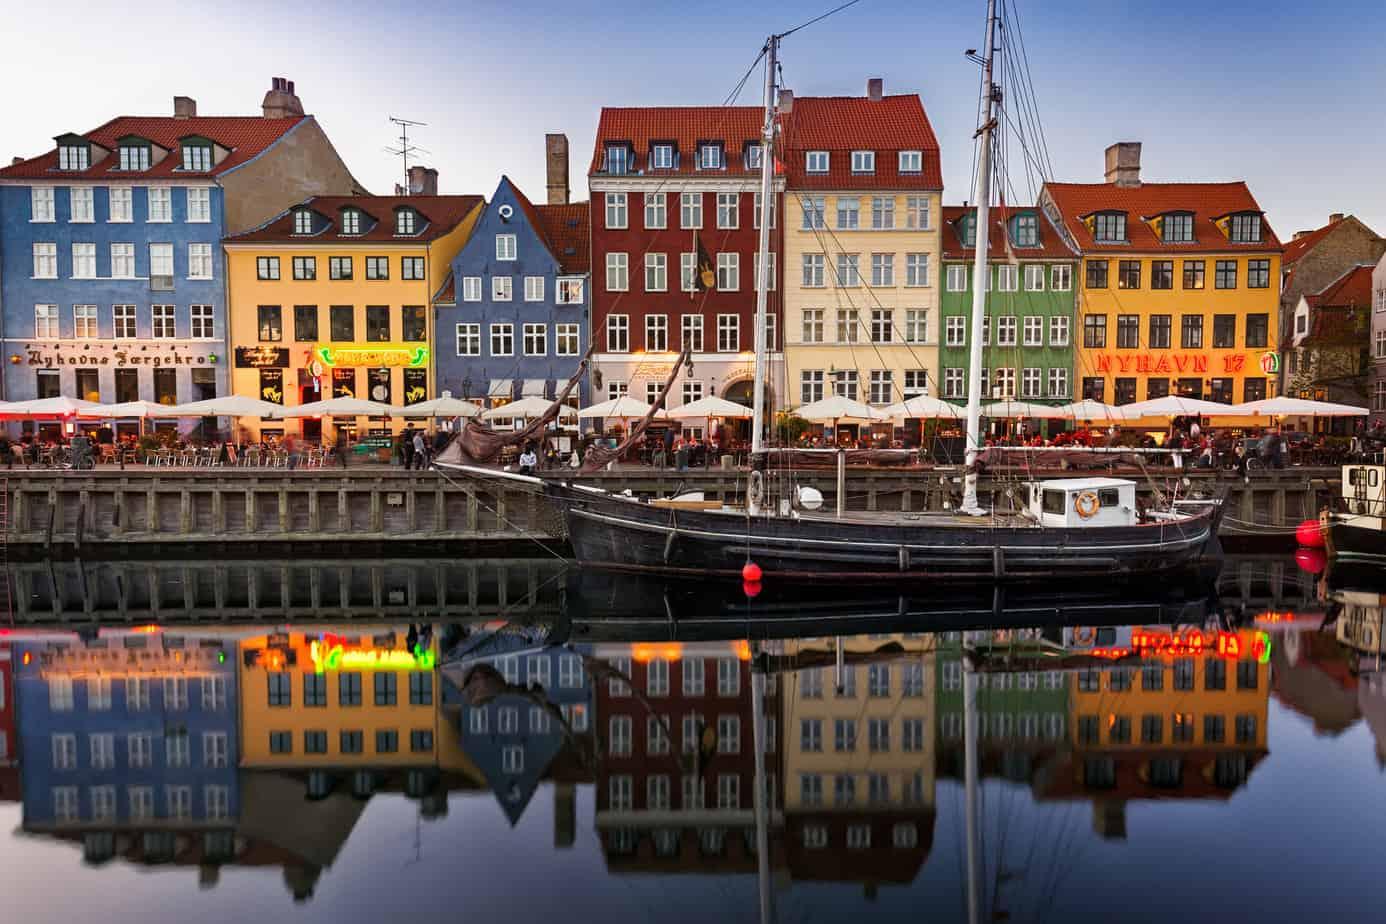 Nyhaven, Kopenhagen, Denemarken